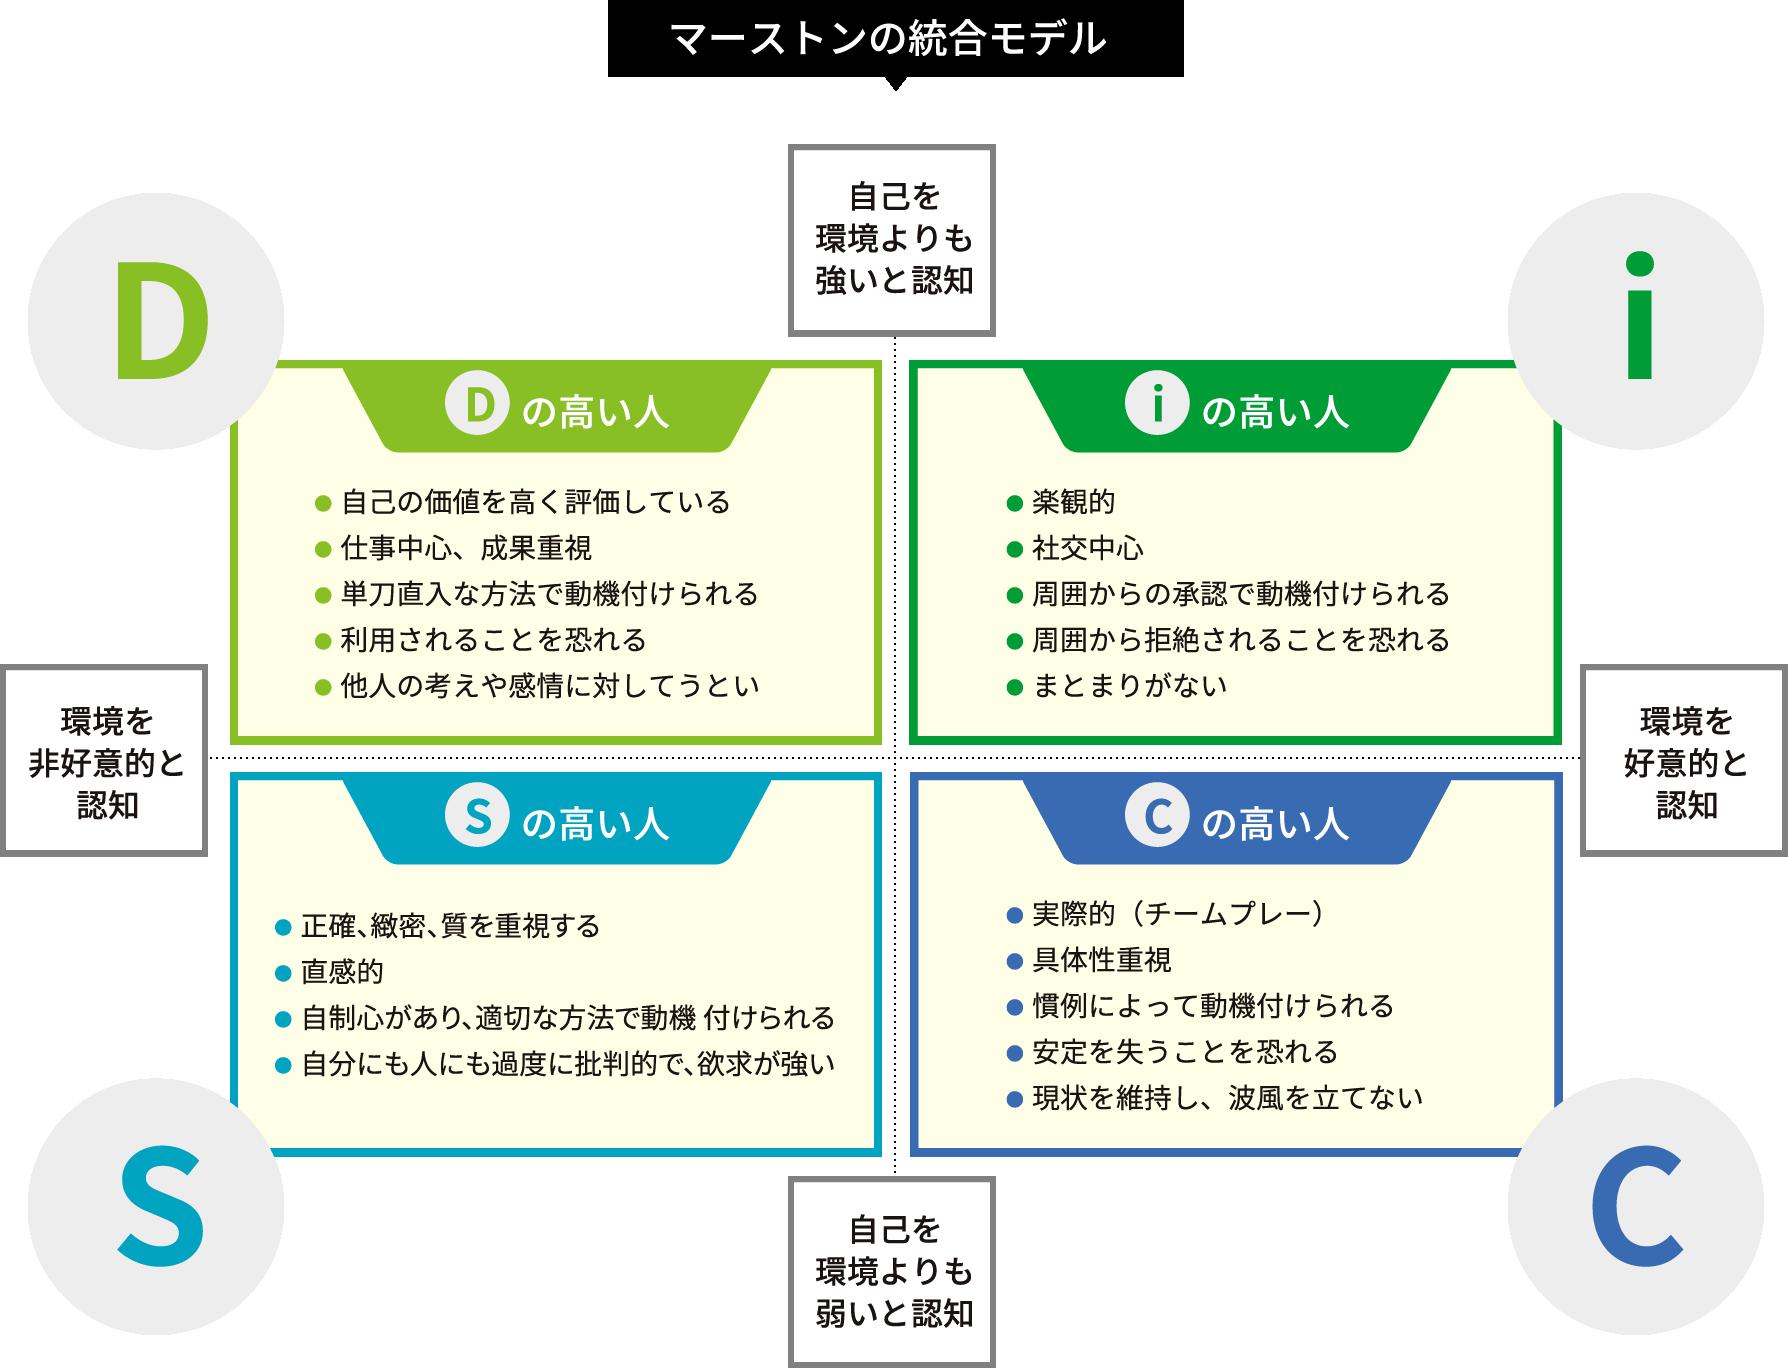 マーストンの統合モデル